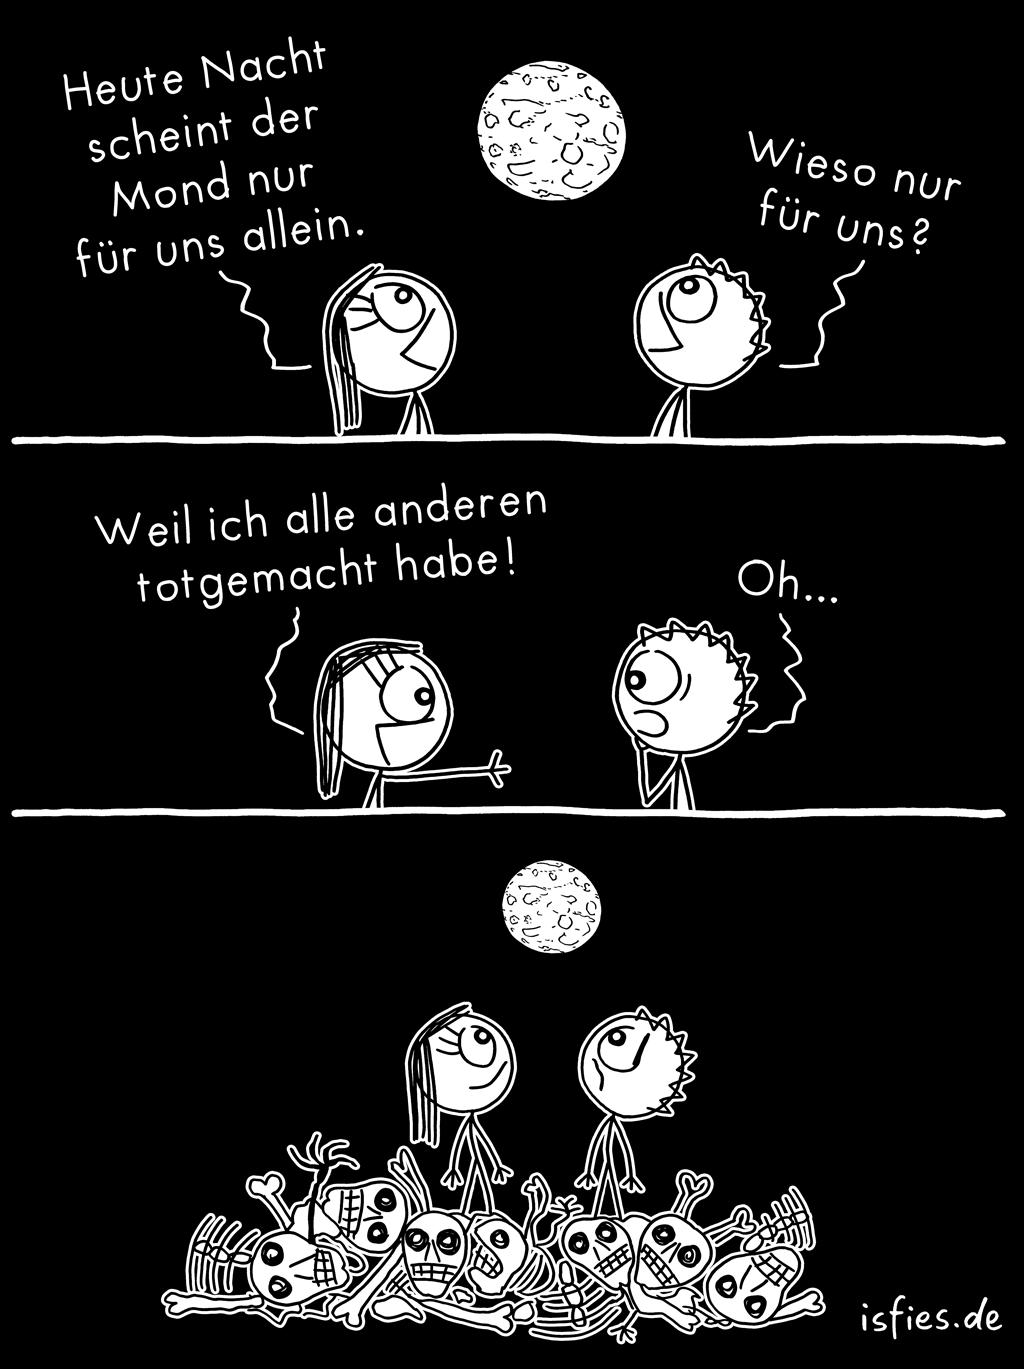 Mondschein | Is fies!